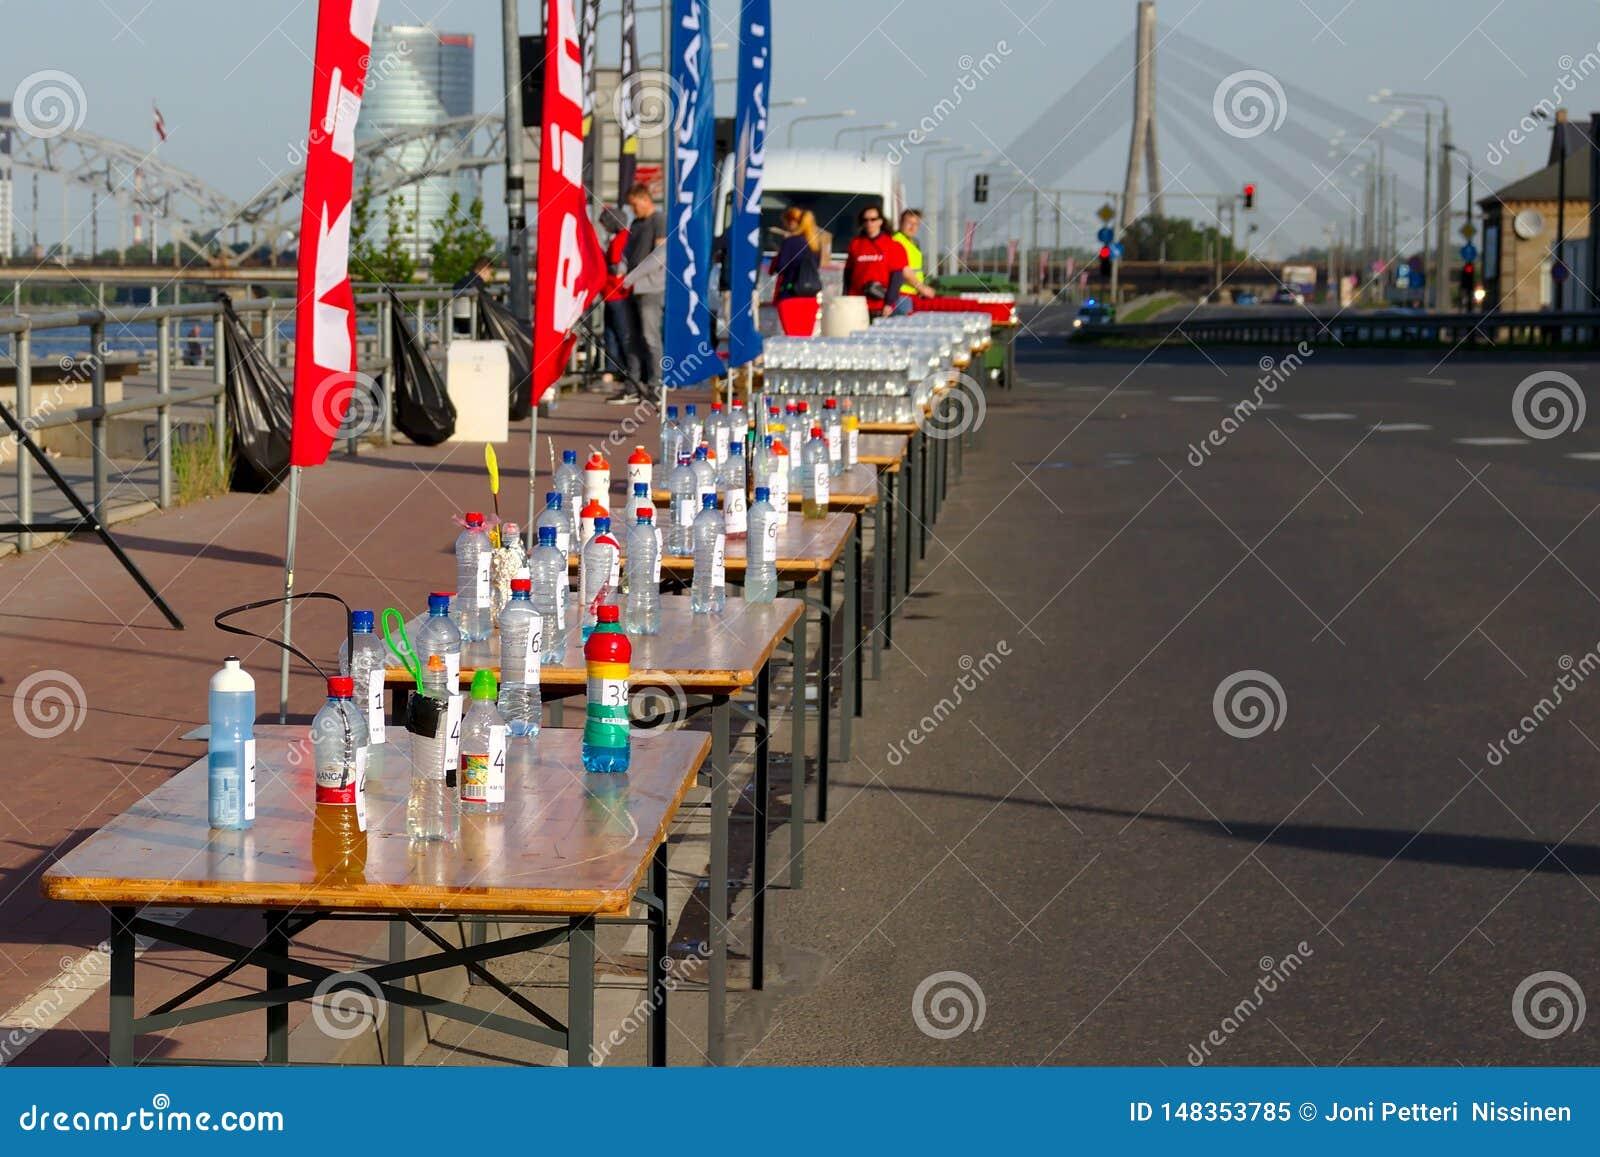 Riga, Lettonie - 19 mai 2019 : Rafra?chissements pr?par?s pour des marathoniens ? c?t? de la route vide